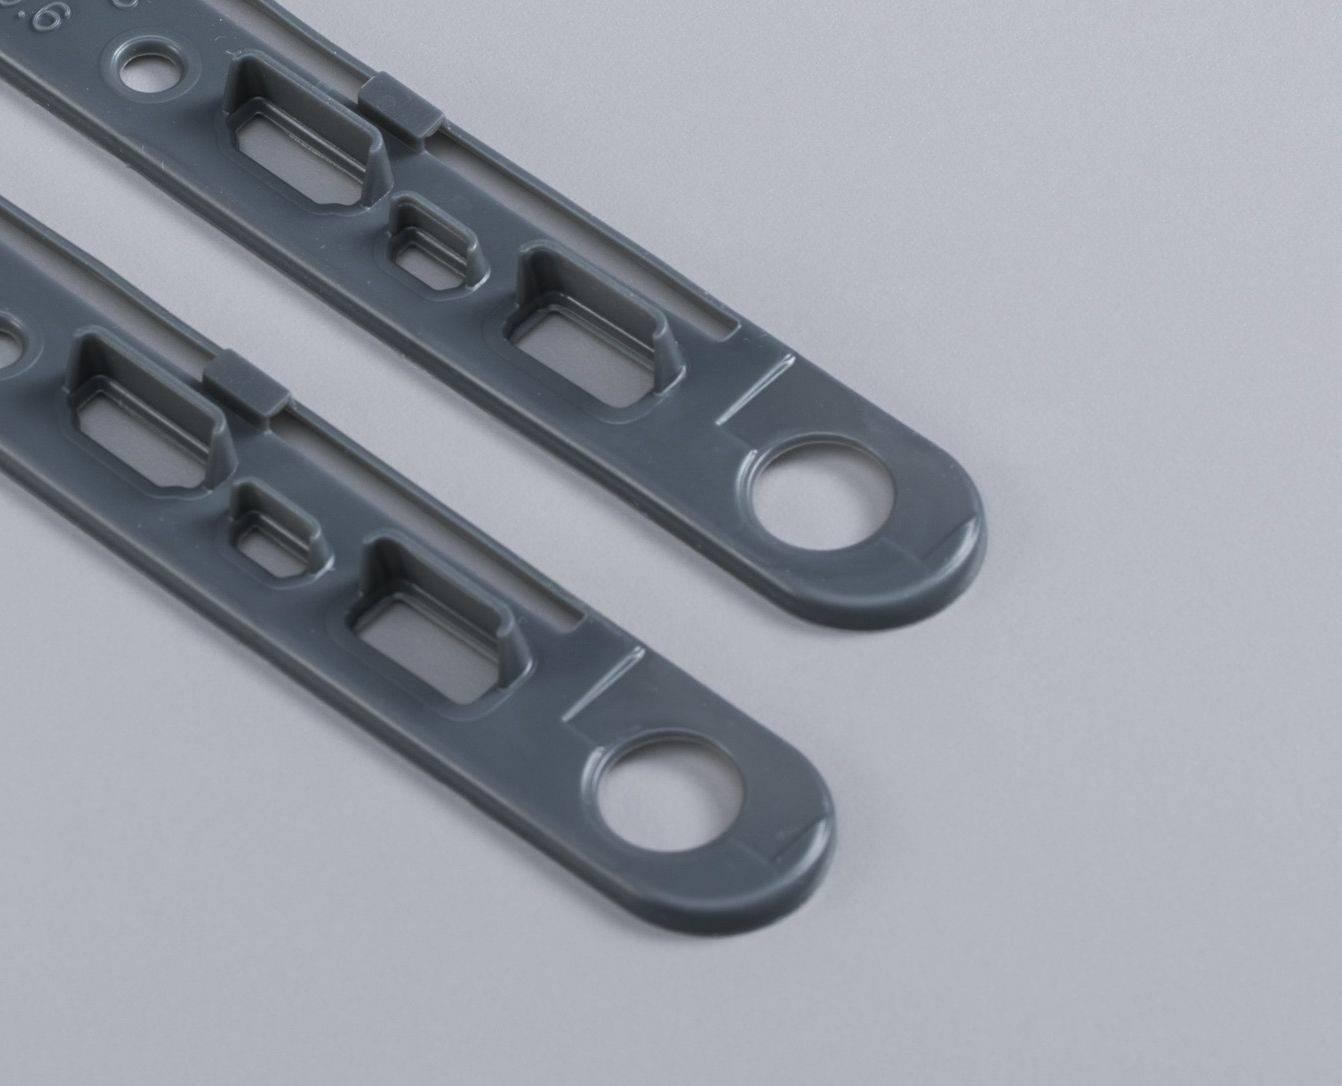 Siltec Silikon Technik schwarzer hitzebeständiger Steckerschutz für elektronische Geräte